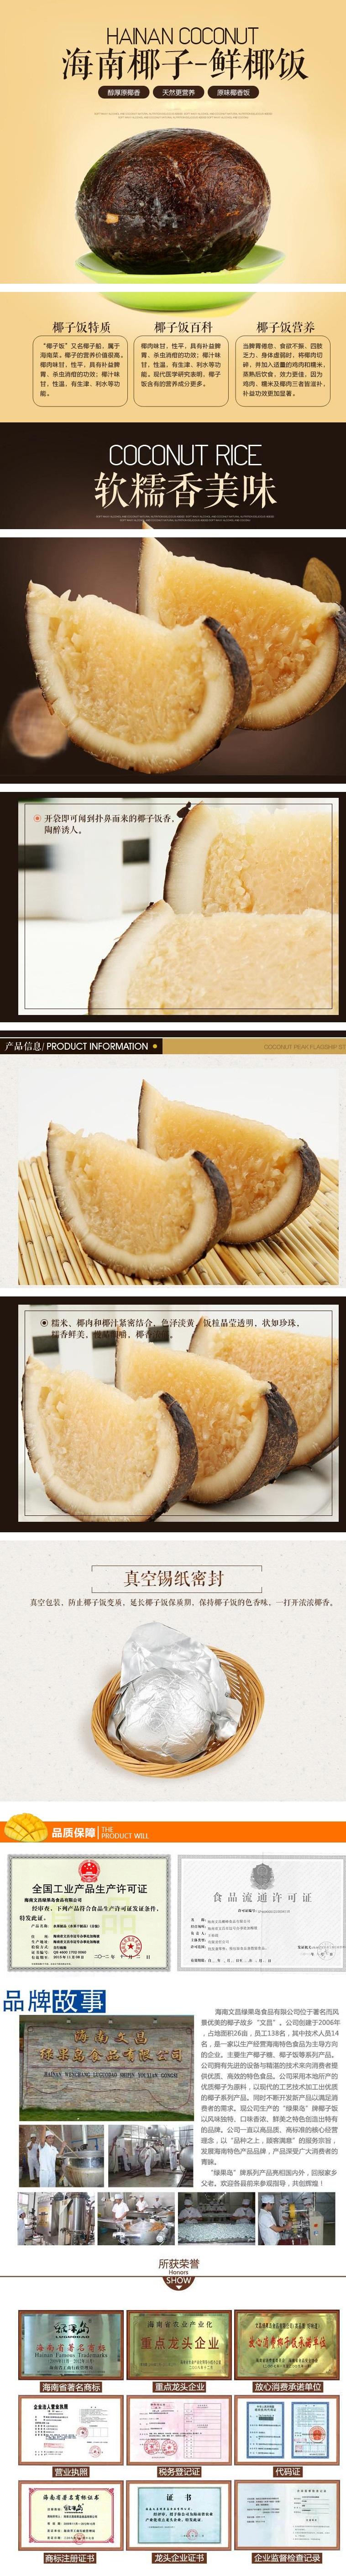 海南特产  绿果岛原味椰子饭经典绿盒装可蒸煮特色米饭598g*6